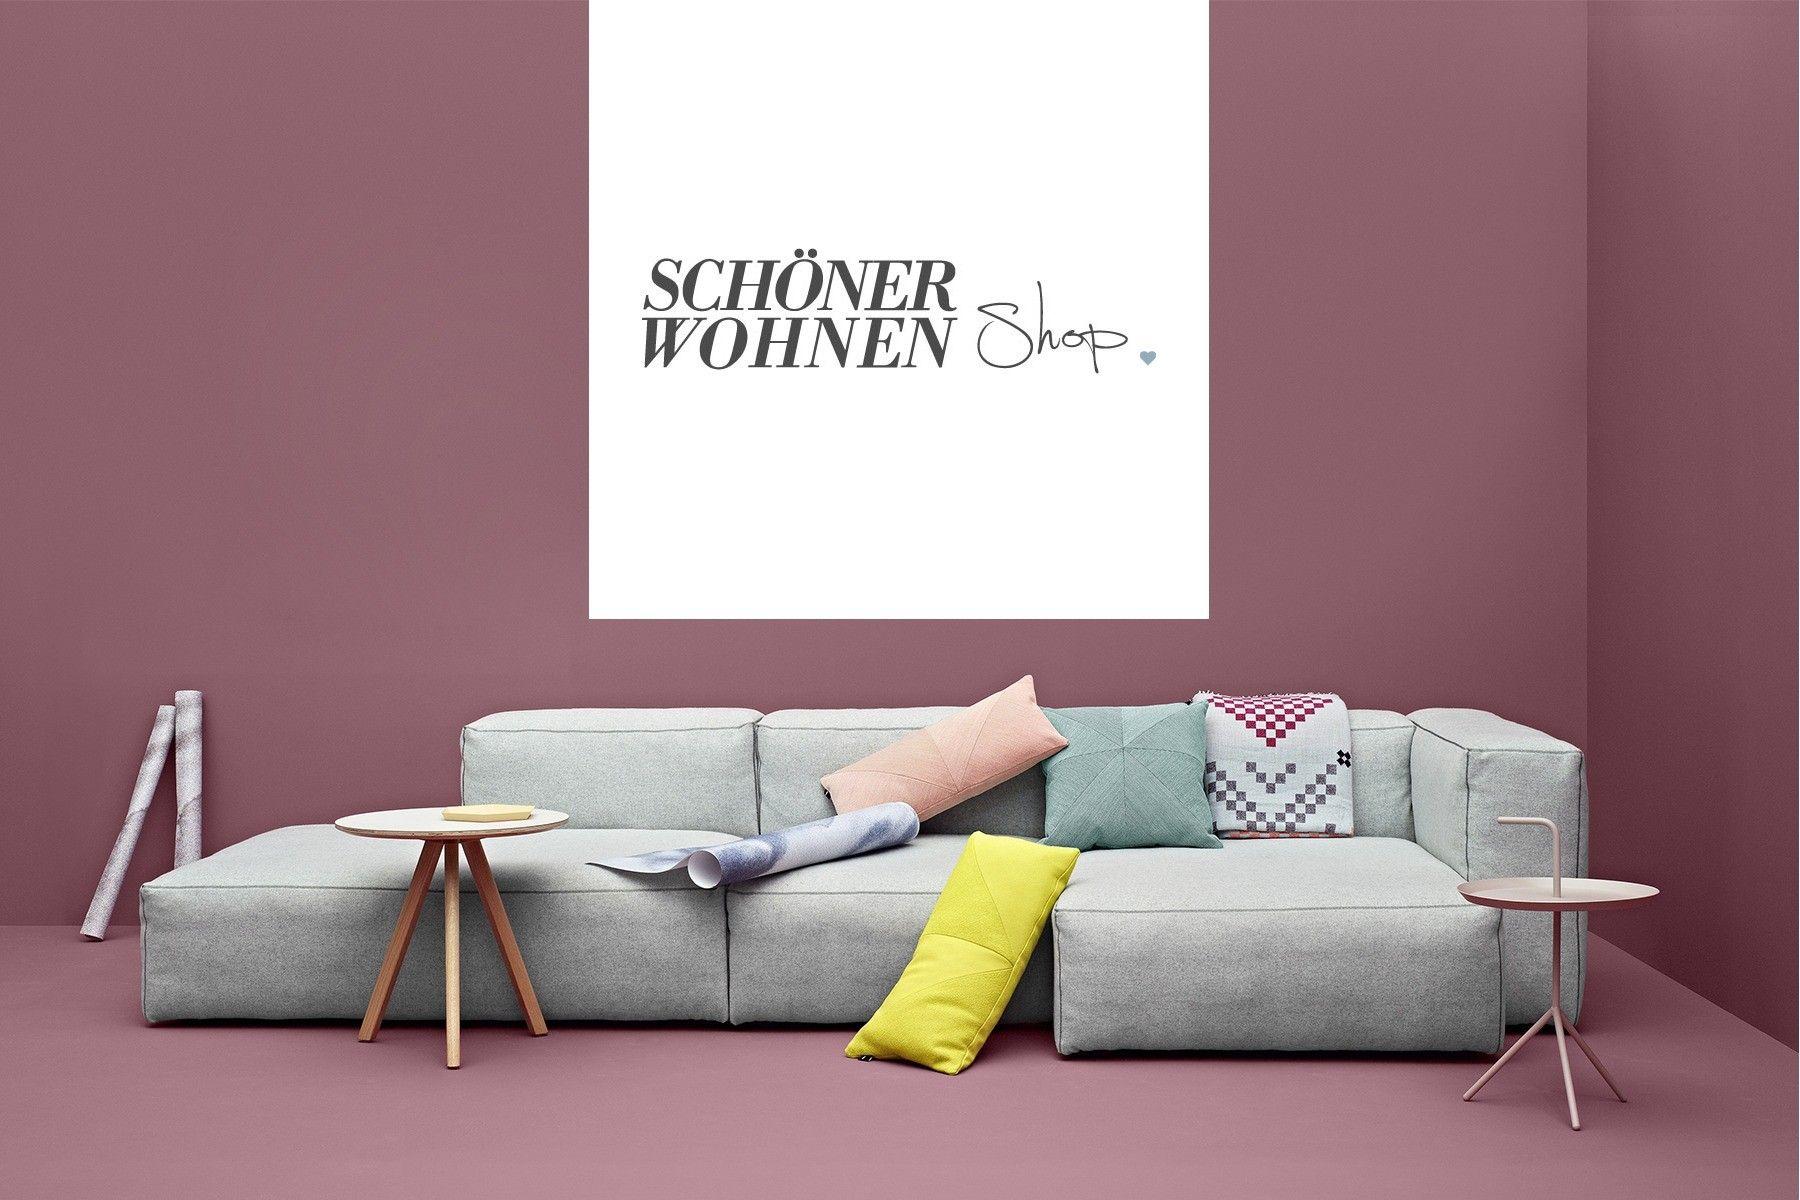 Gartenaccessoires Online Bestellen Schoner Wohnen Shop In 2020 Schoner Wohnen Sofa Design Wohnen